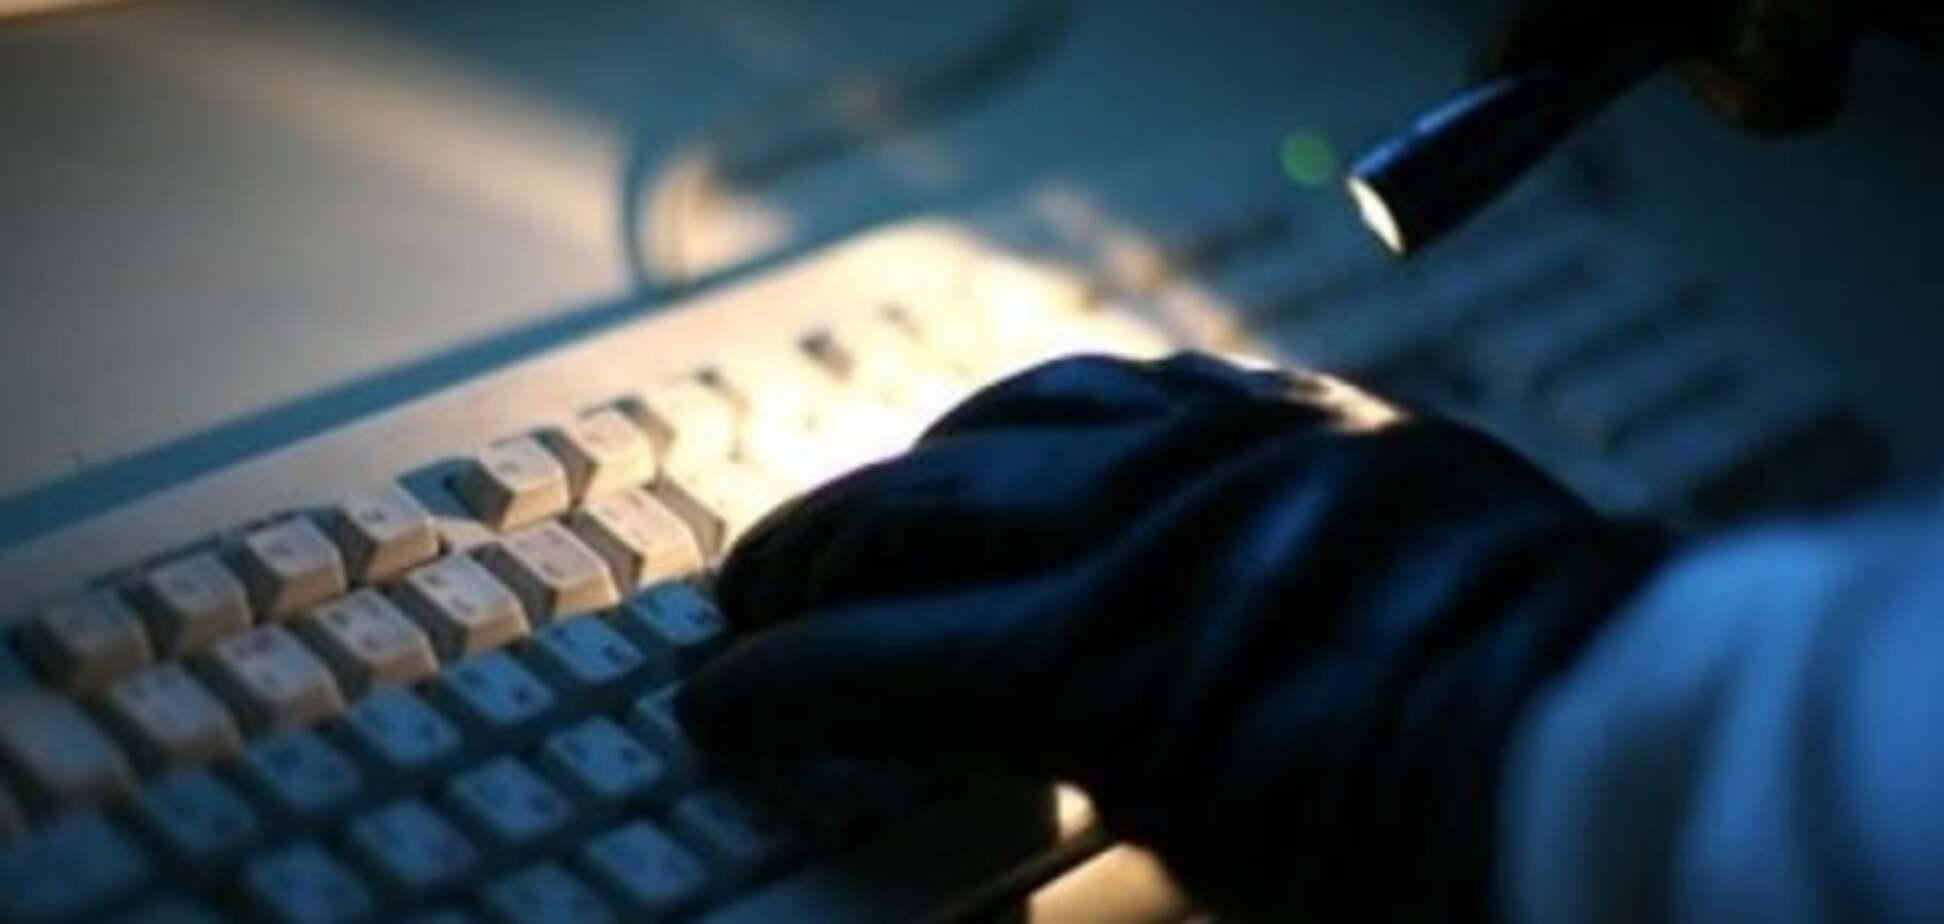 Операторы предупредили о новых видах мошенничества с банковскими картами